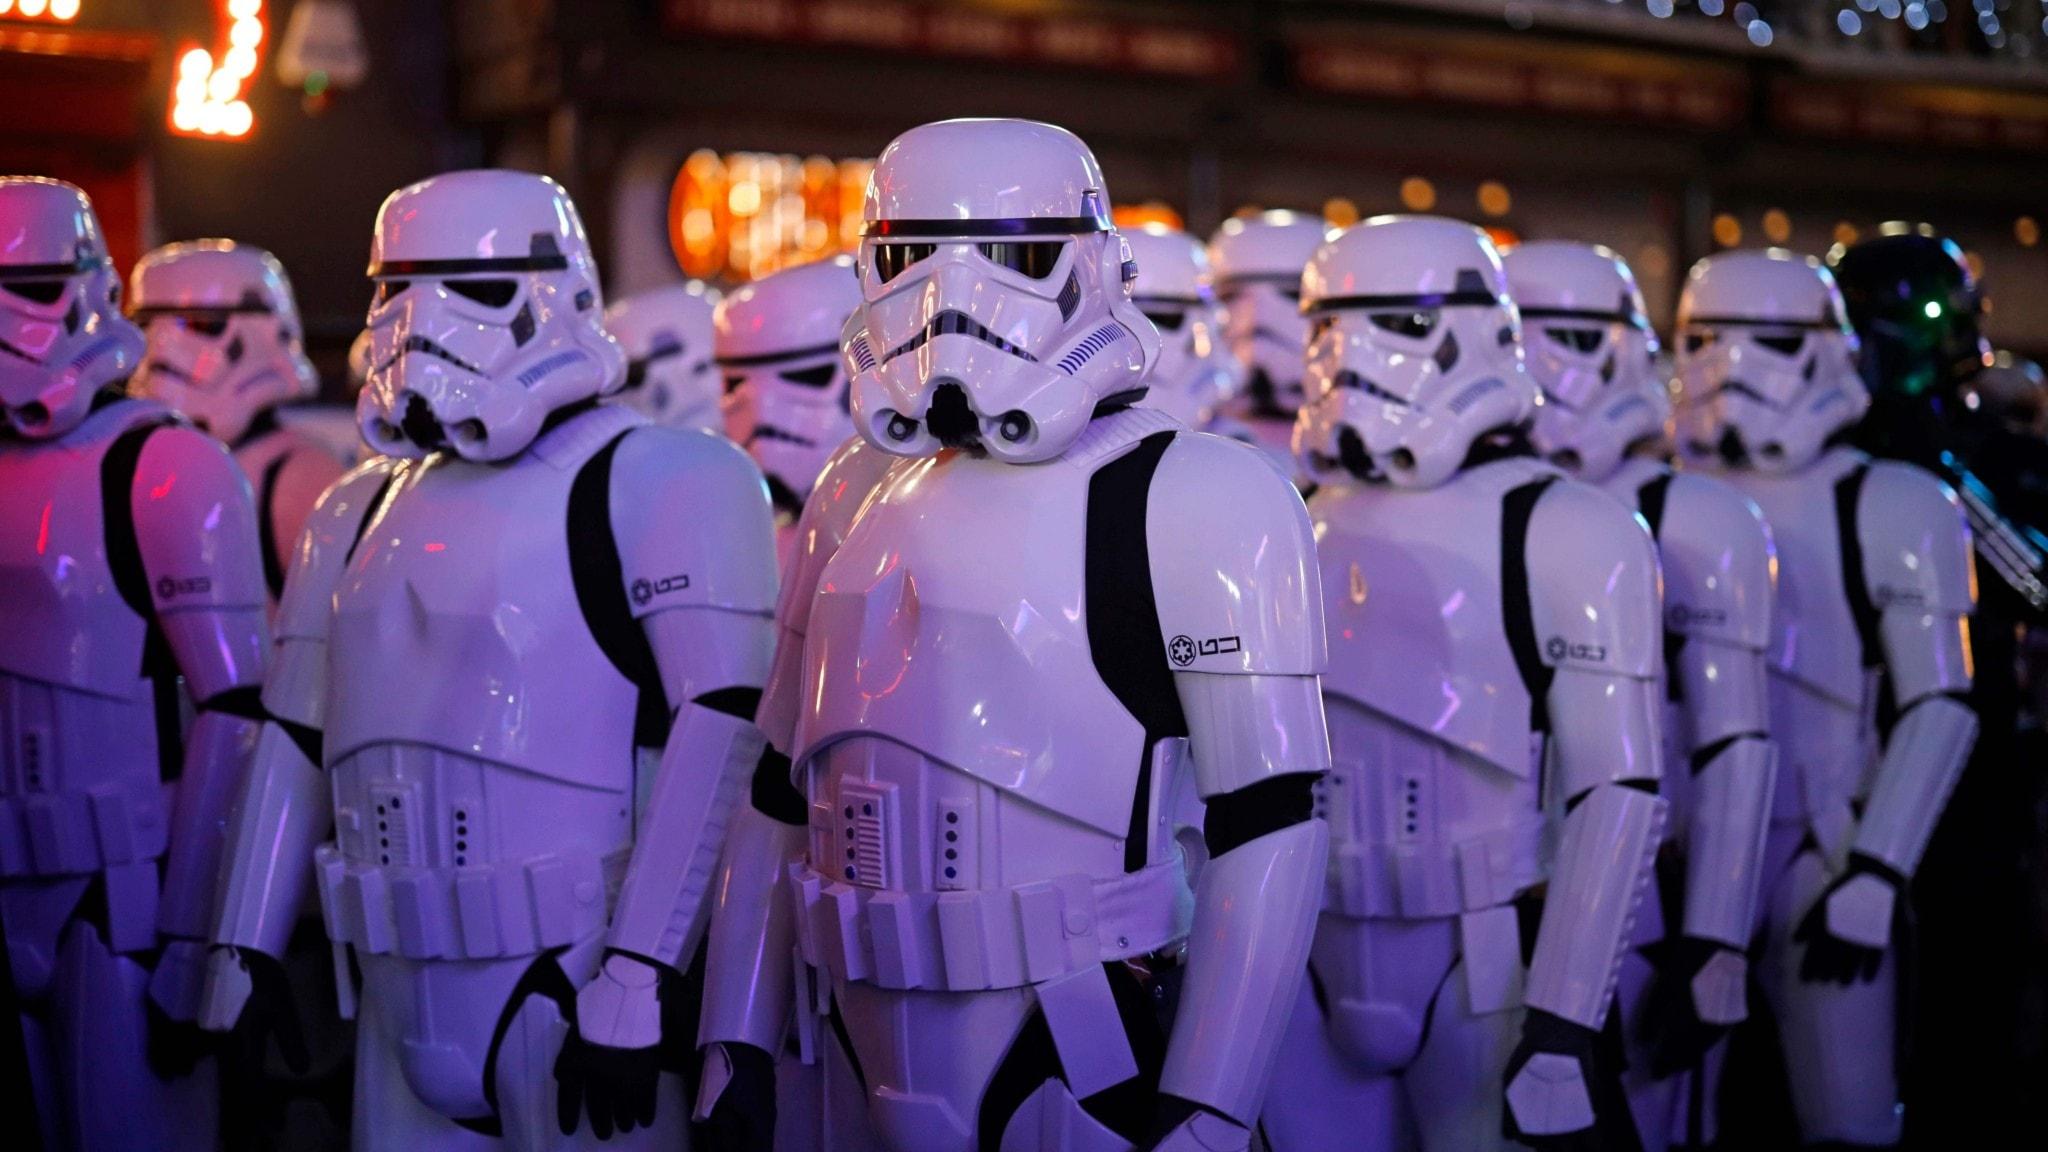 Stora förväntningar på den nya Star Wars-filmen